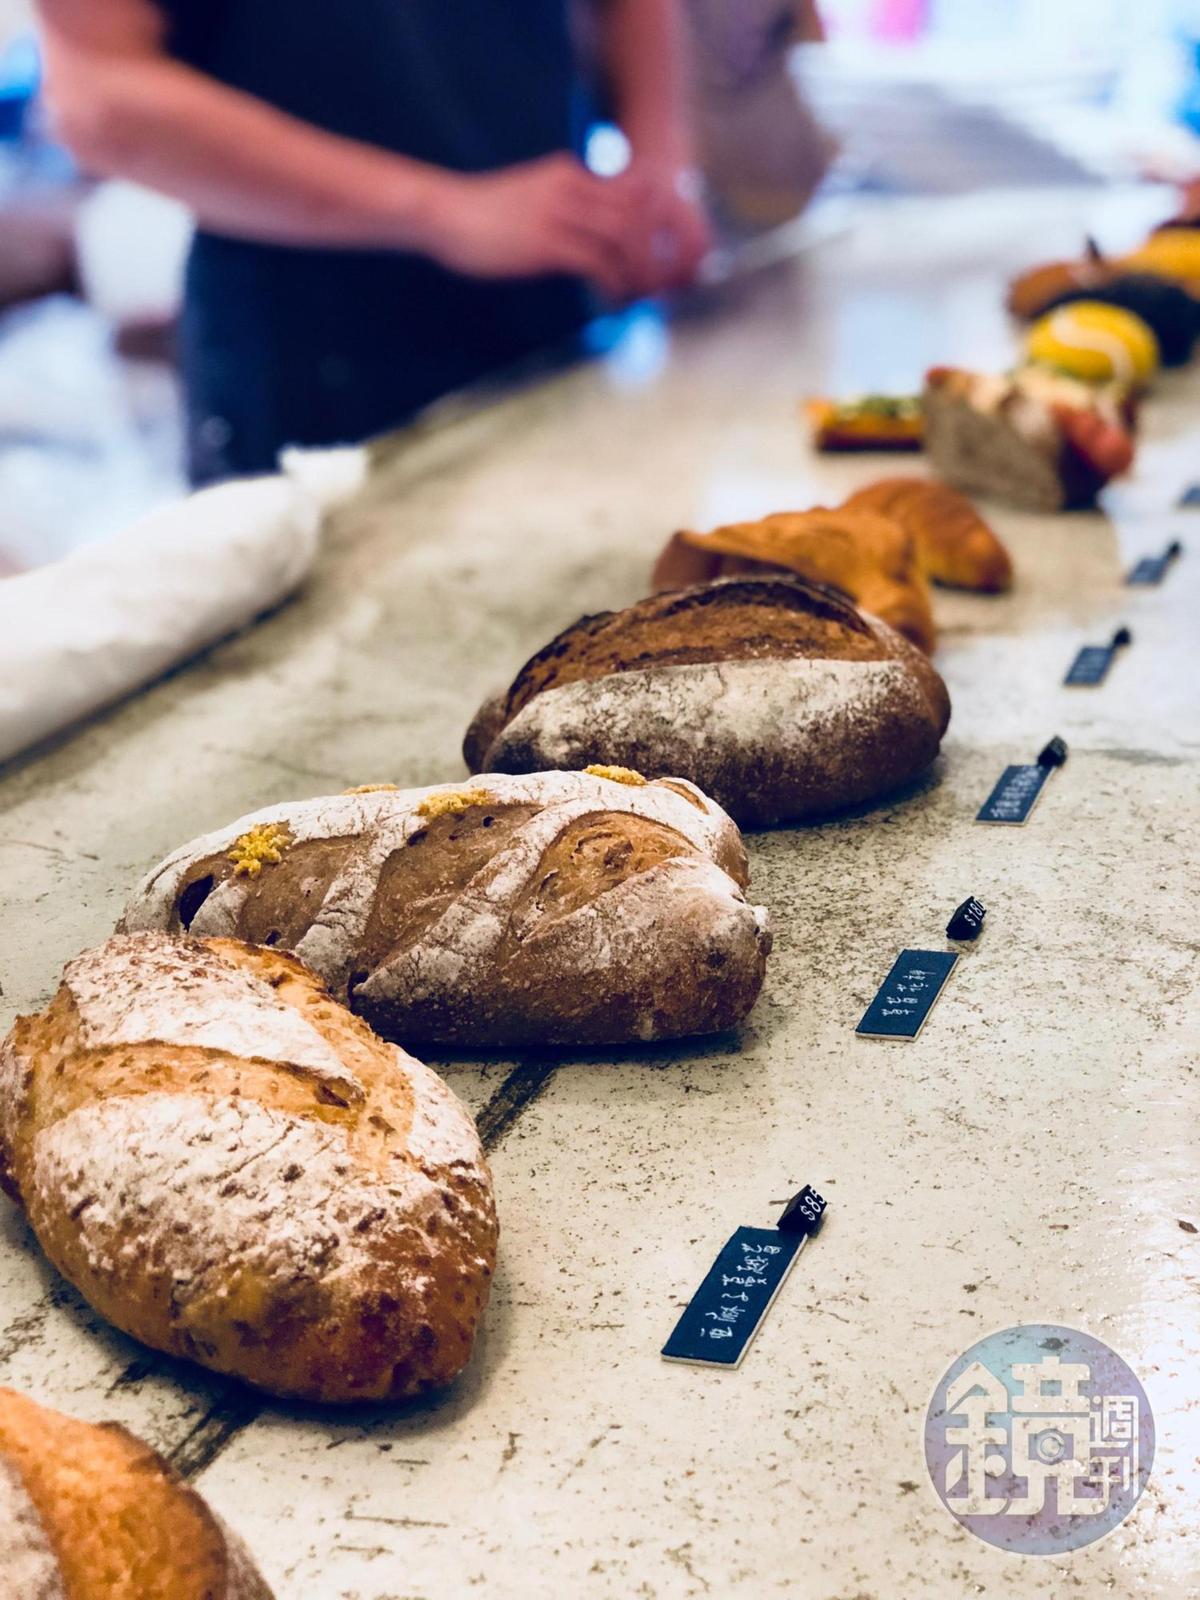 紮實且多樣的歐式麵包。